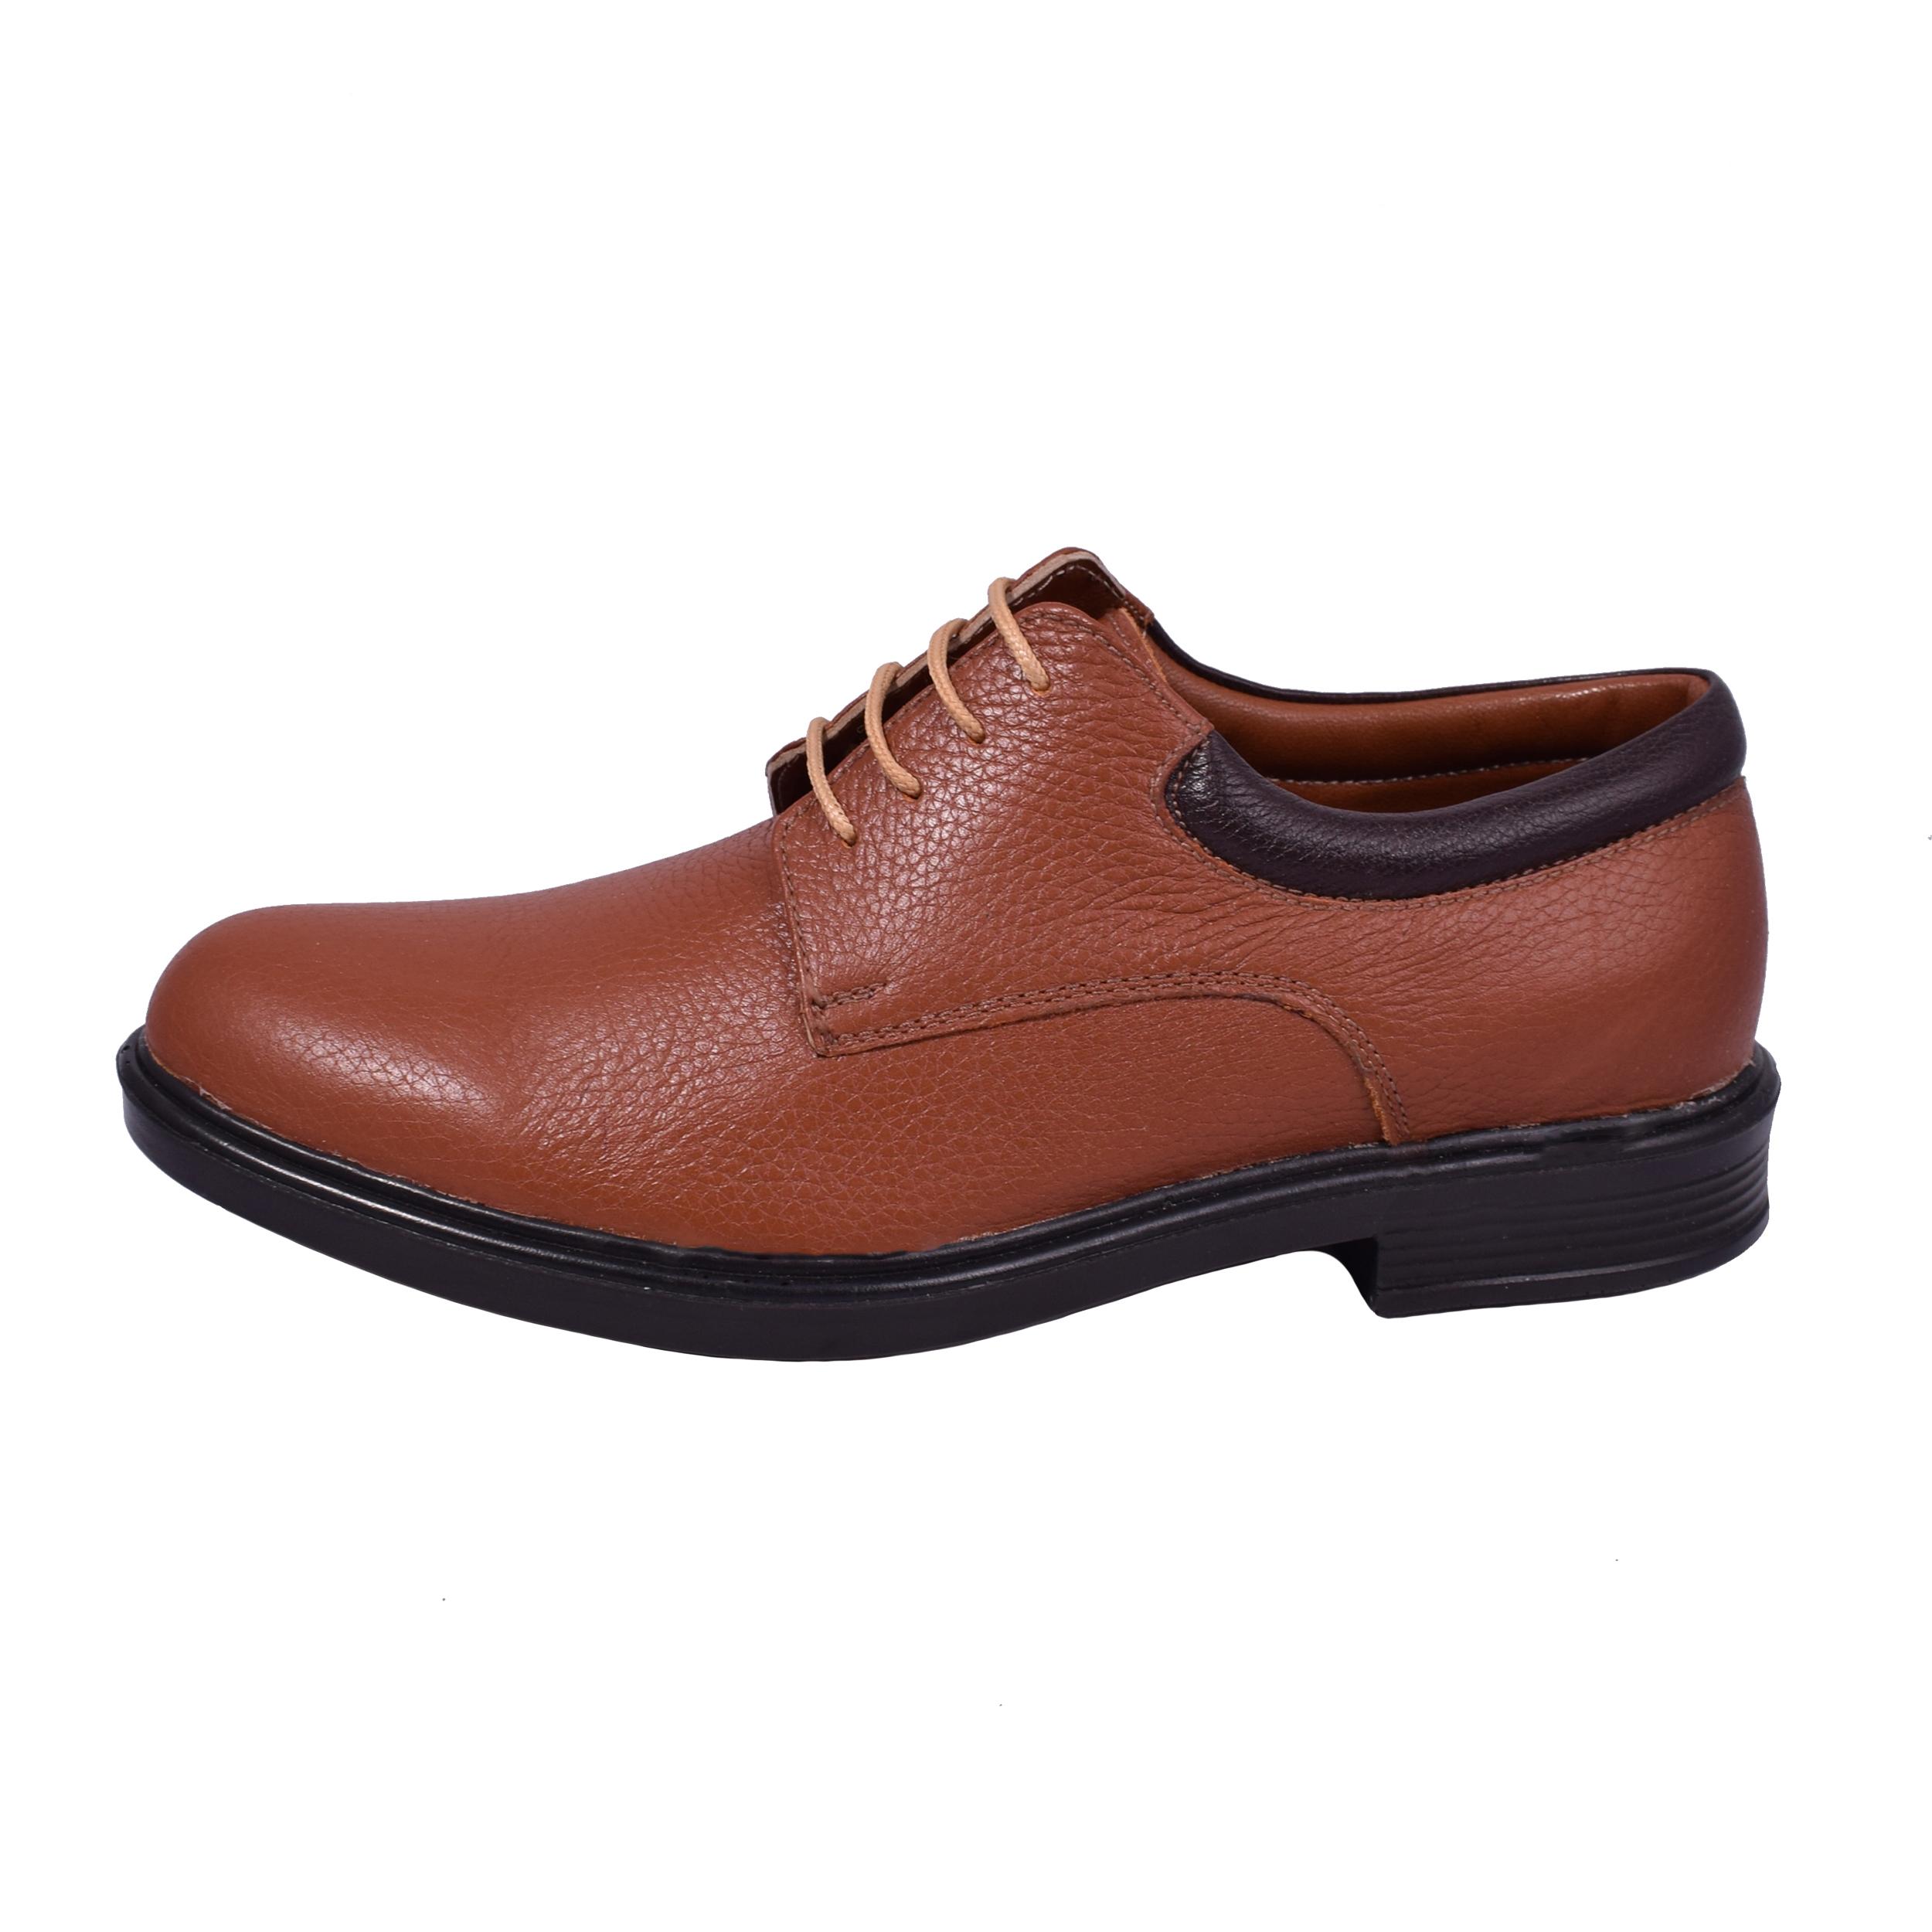 کفش طبی مردانه مدل مالدیو کد 708-mm رنگ عسلی